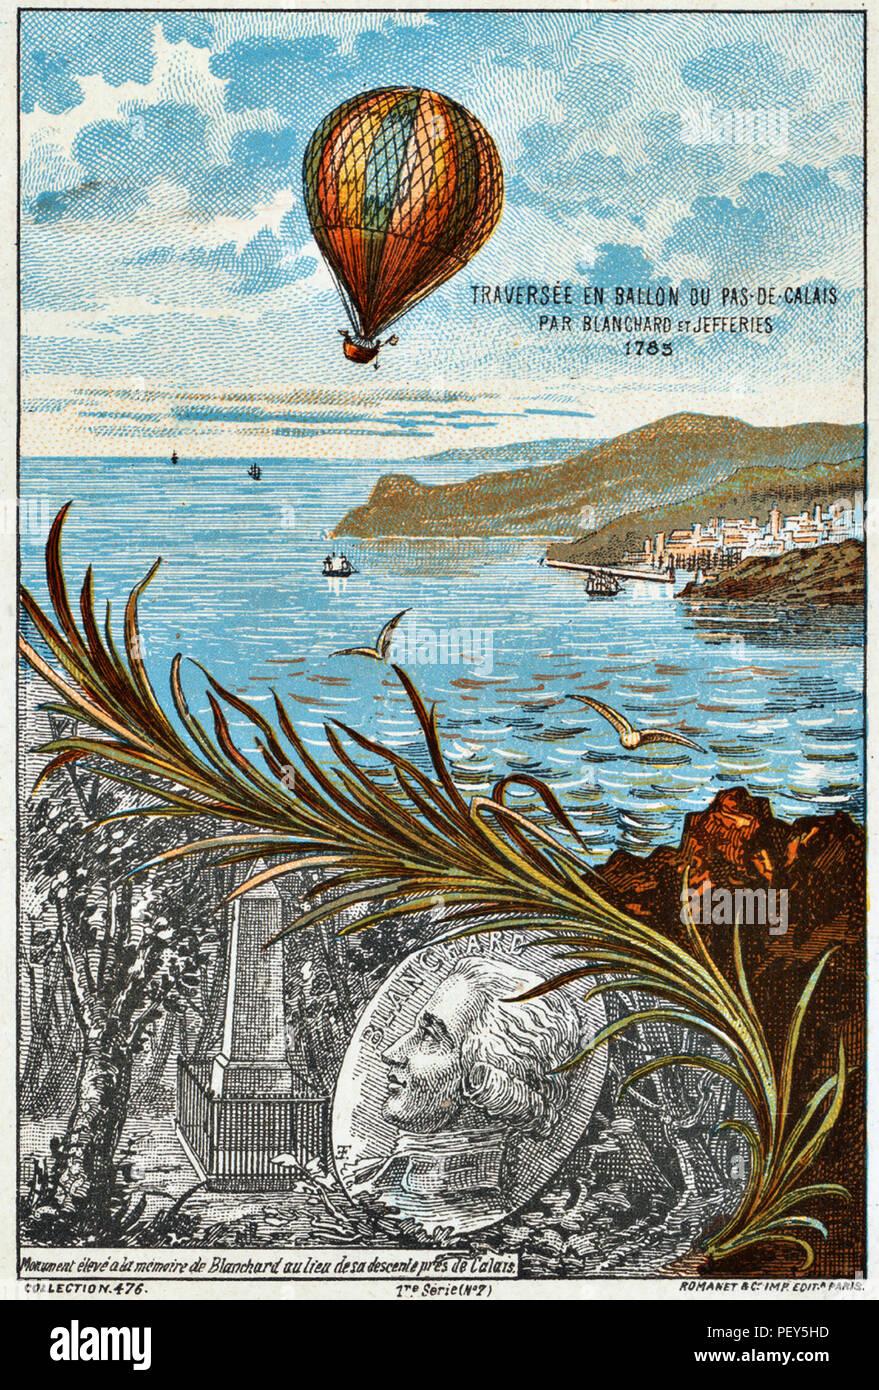 JEAN-PIERRE BLANCHARD eine französische Ballonfahrer und eine Amerikanische John Jeffries den Ärmelkanal am 7. Januar 1785 als auf einer französischen Postkarte gezeigt. Stockfoto